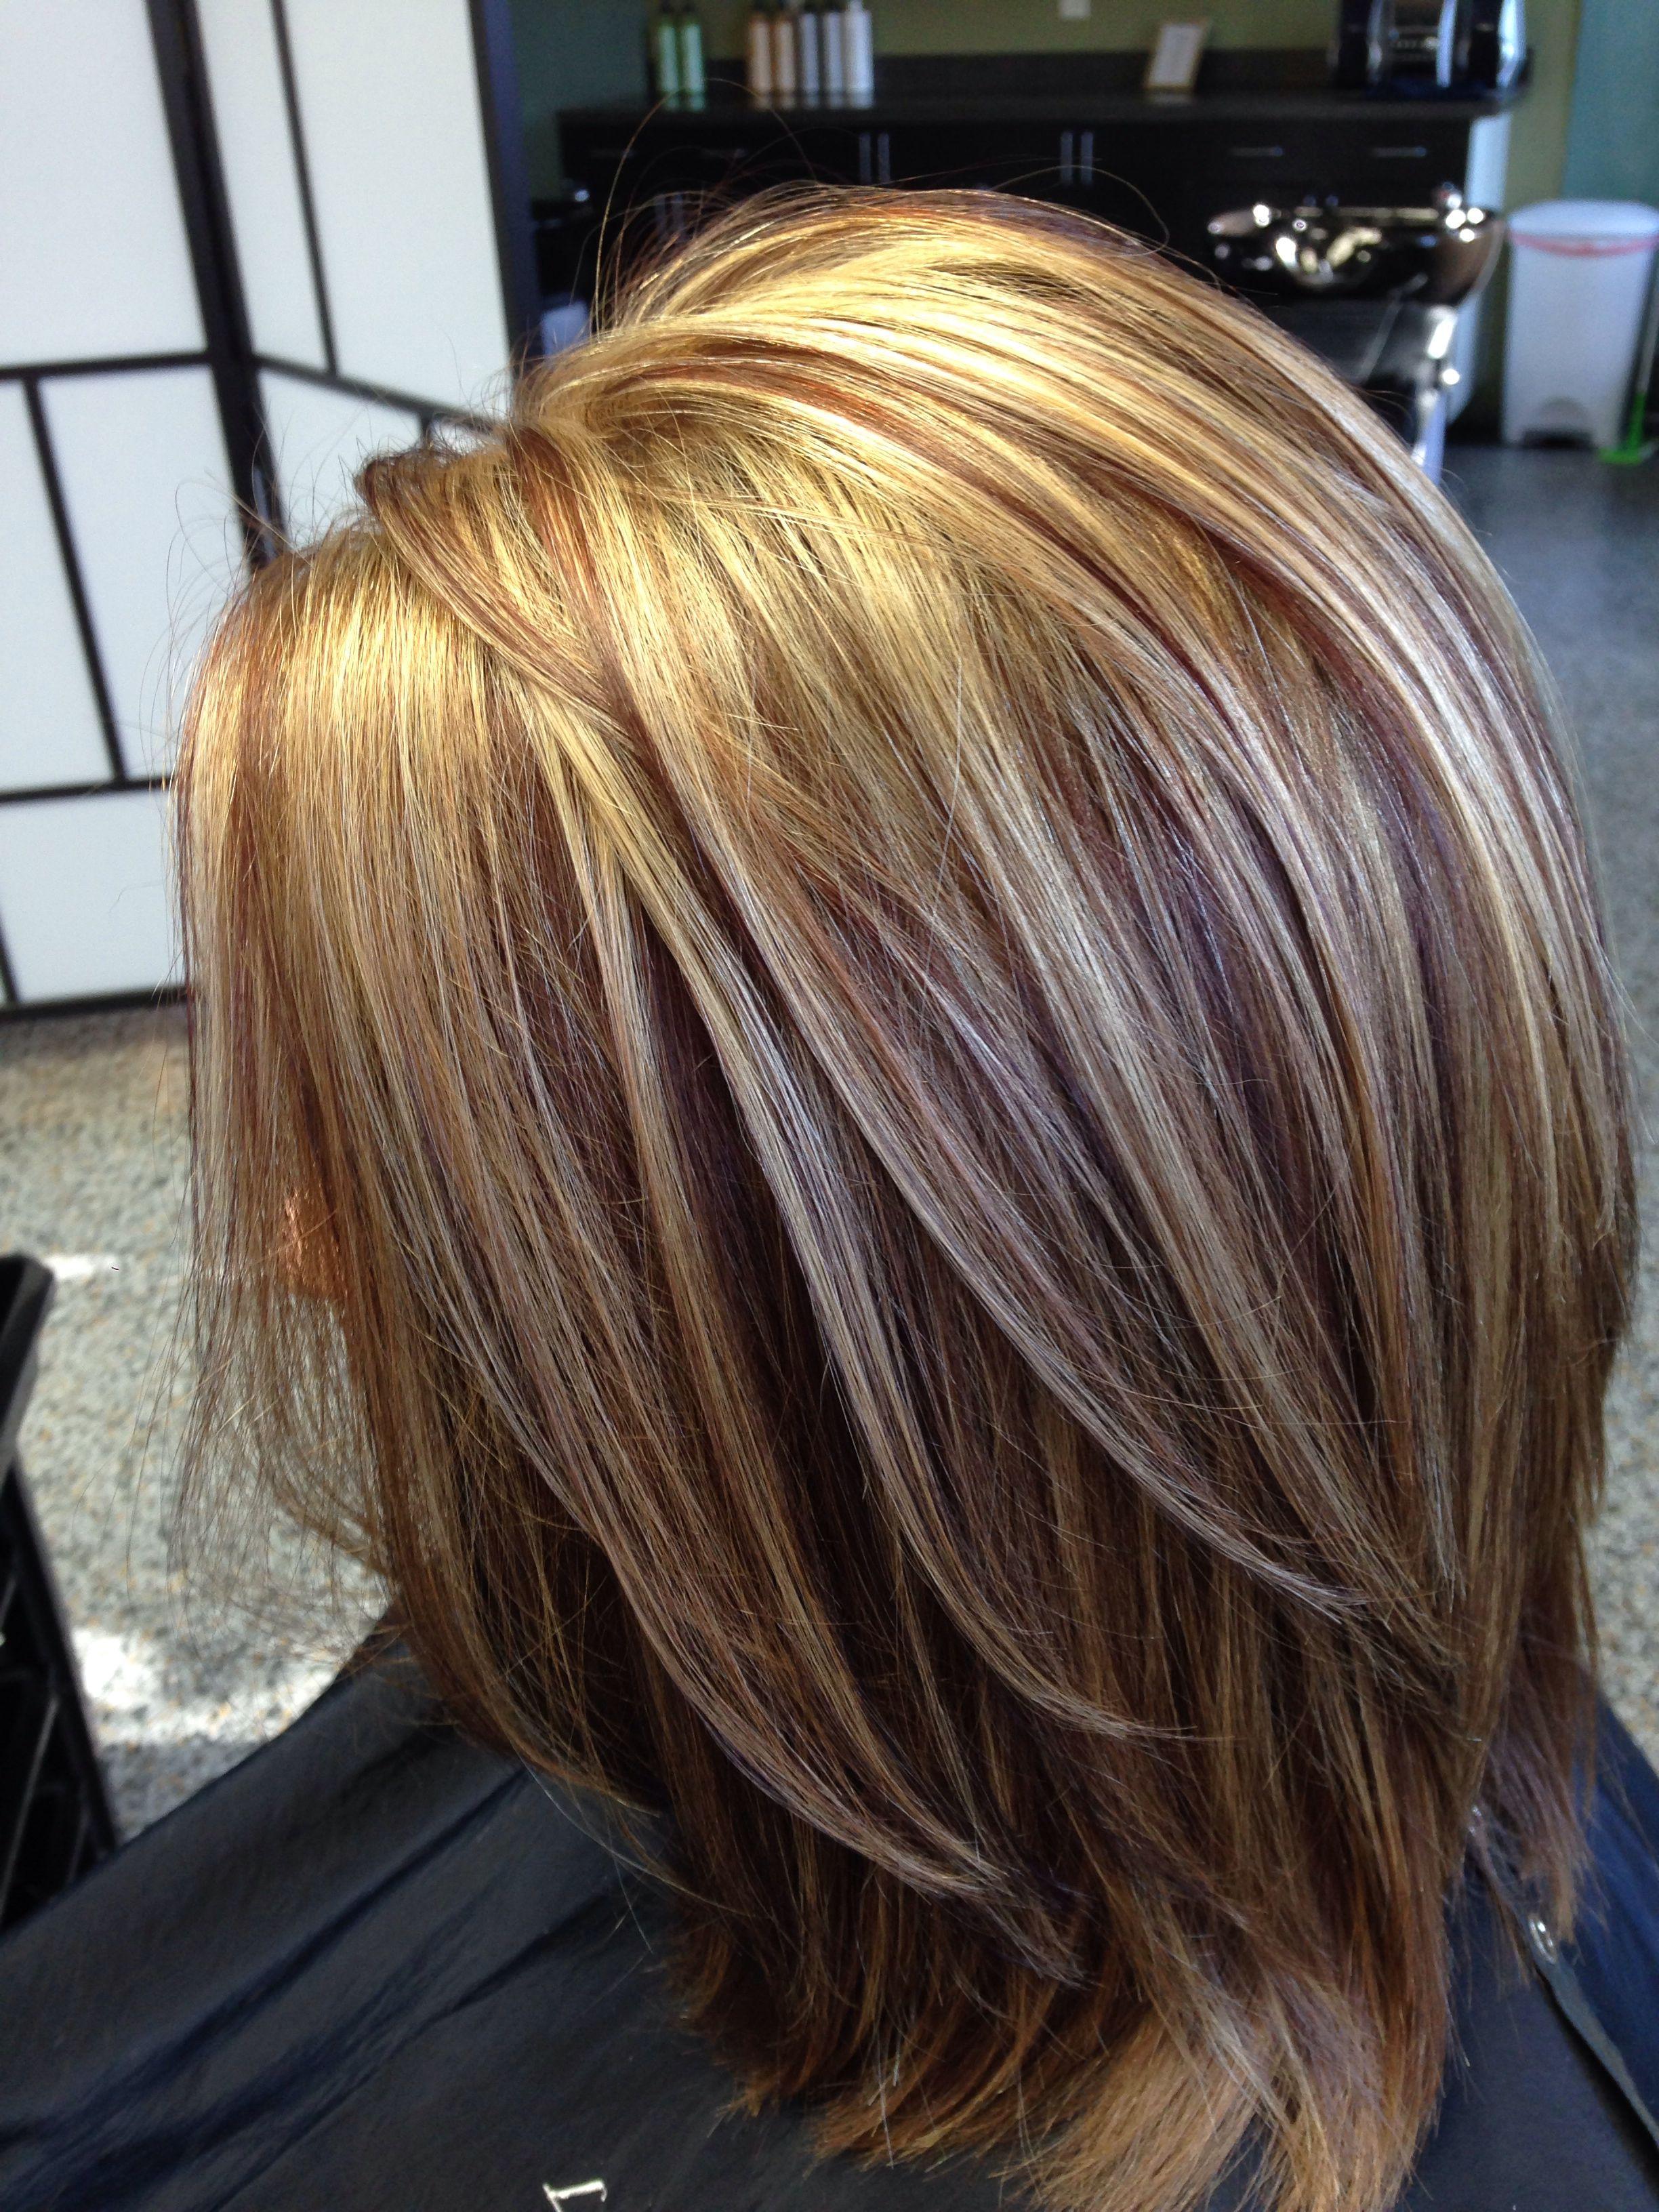 Pin By Jenni Post On Hair Hair Lengths Medium Hair Styles Hair Color Highlights